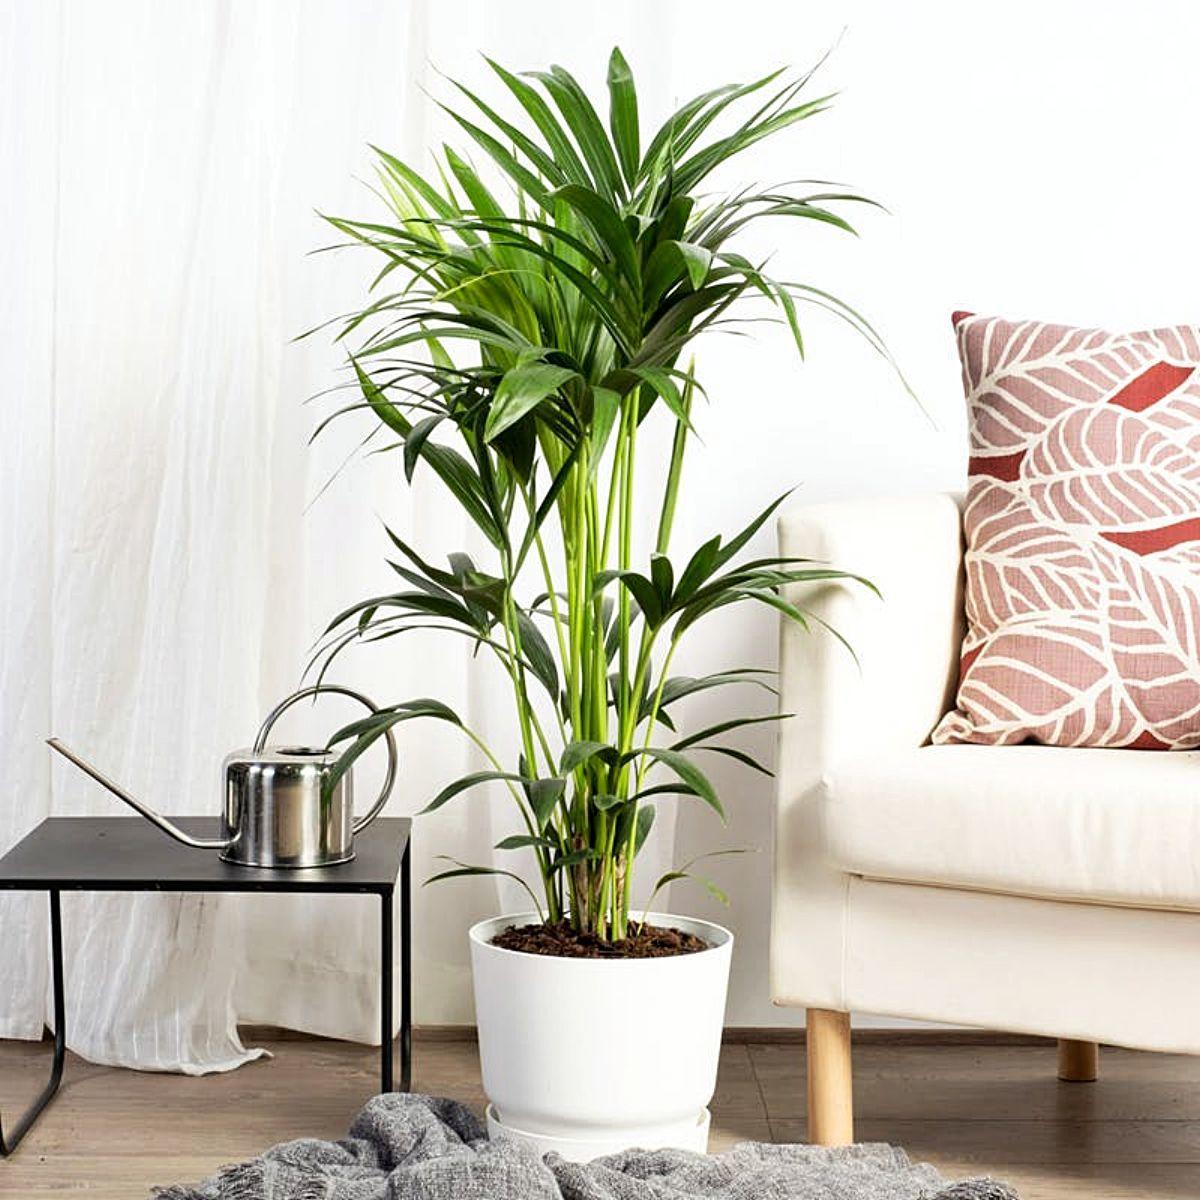 Planta perfecta para decorar espacios con luz indirecta, como...